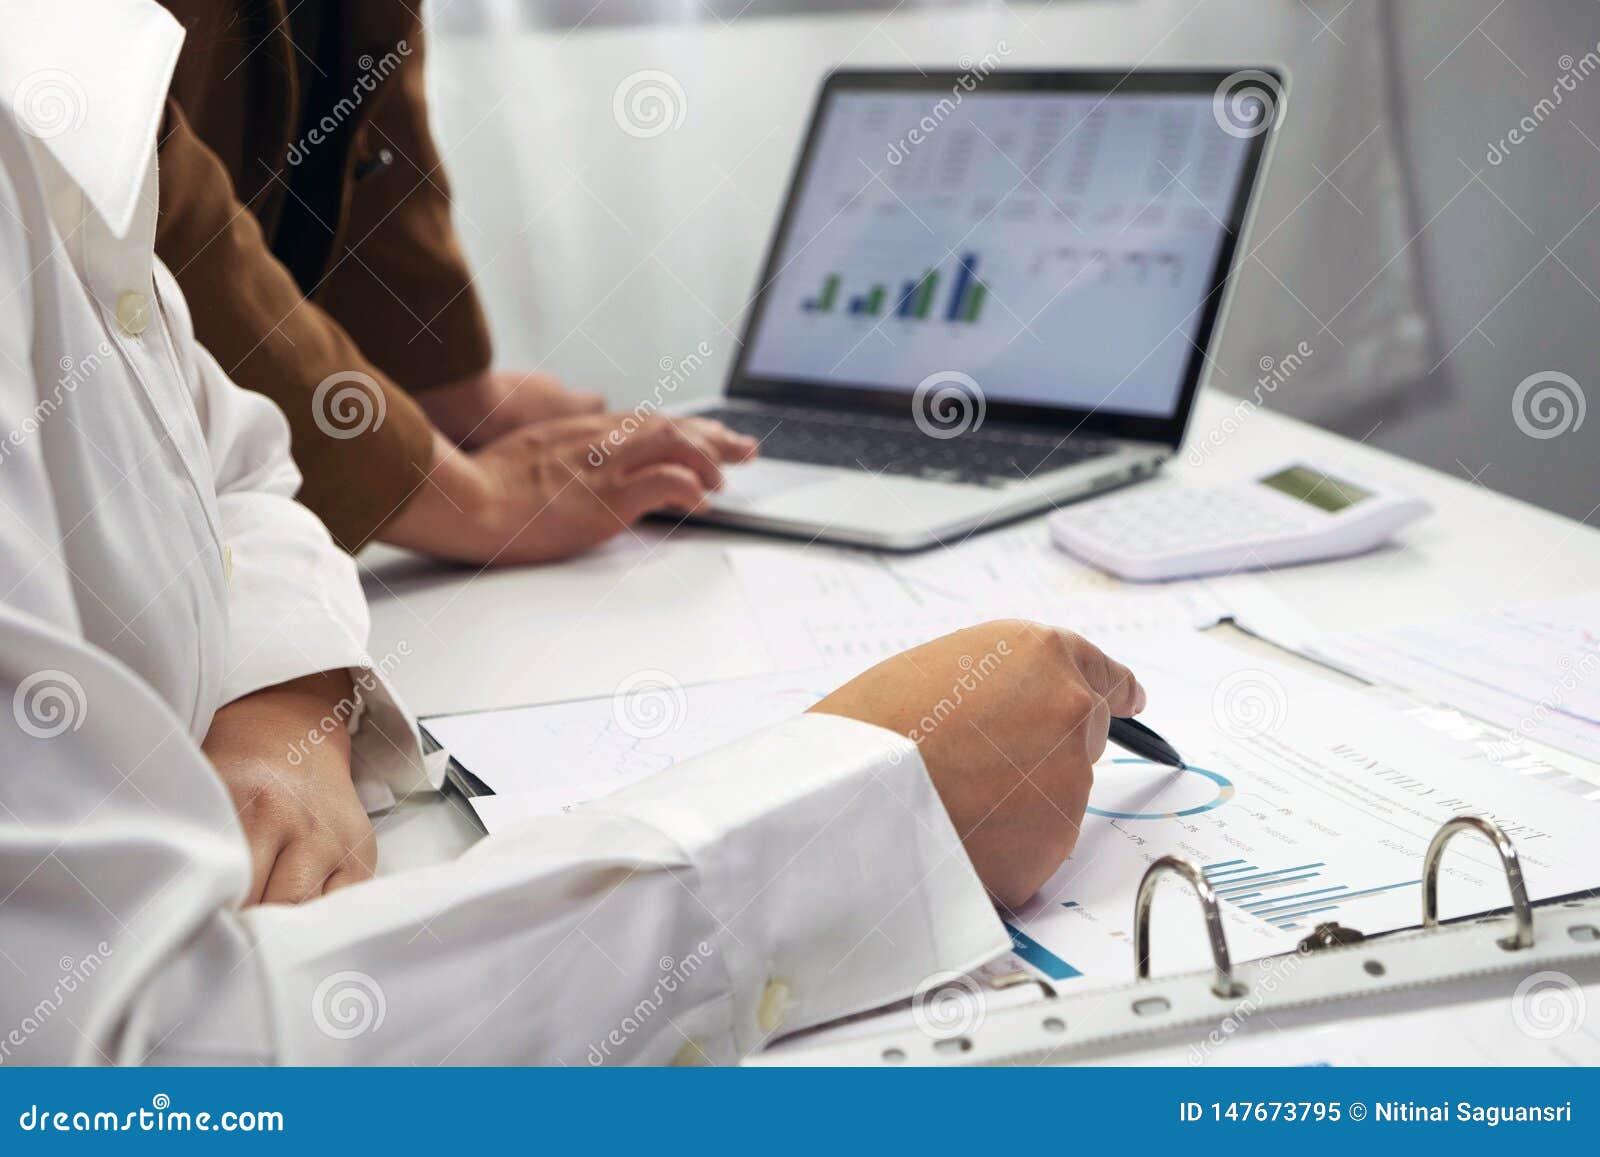 Les gens travaillant dans les finances, comptabilit?, conseil en affaires, conseil de enseignement, comptes courants